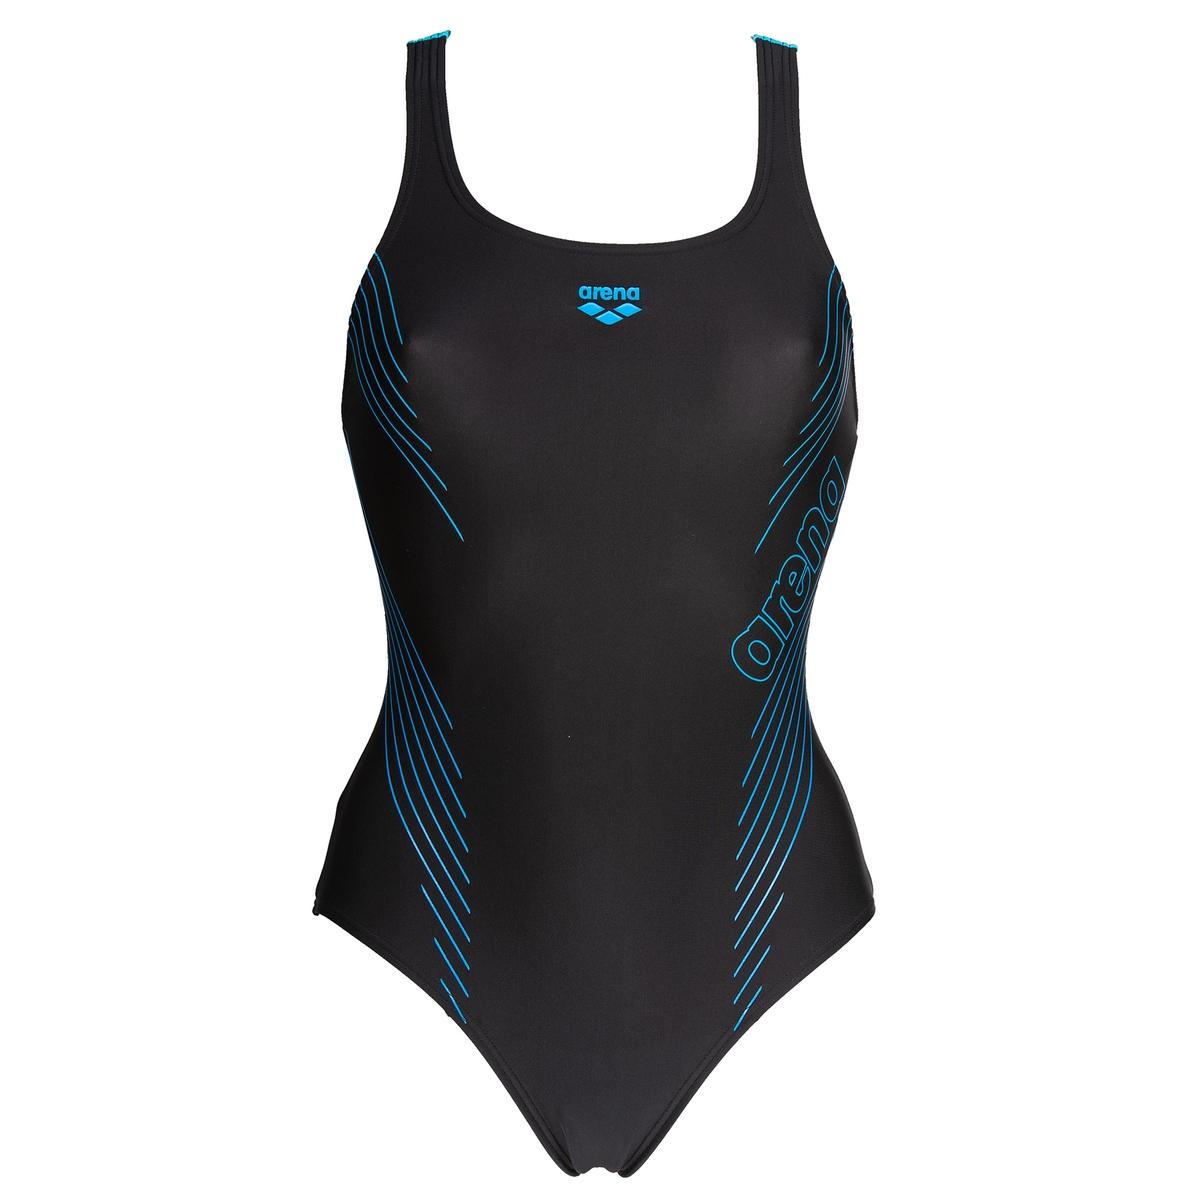 Imagen principal de producto de Bañador para piscina Jamy Swim Pro - Arena